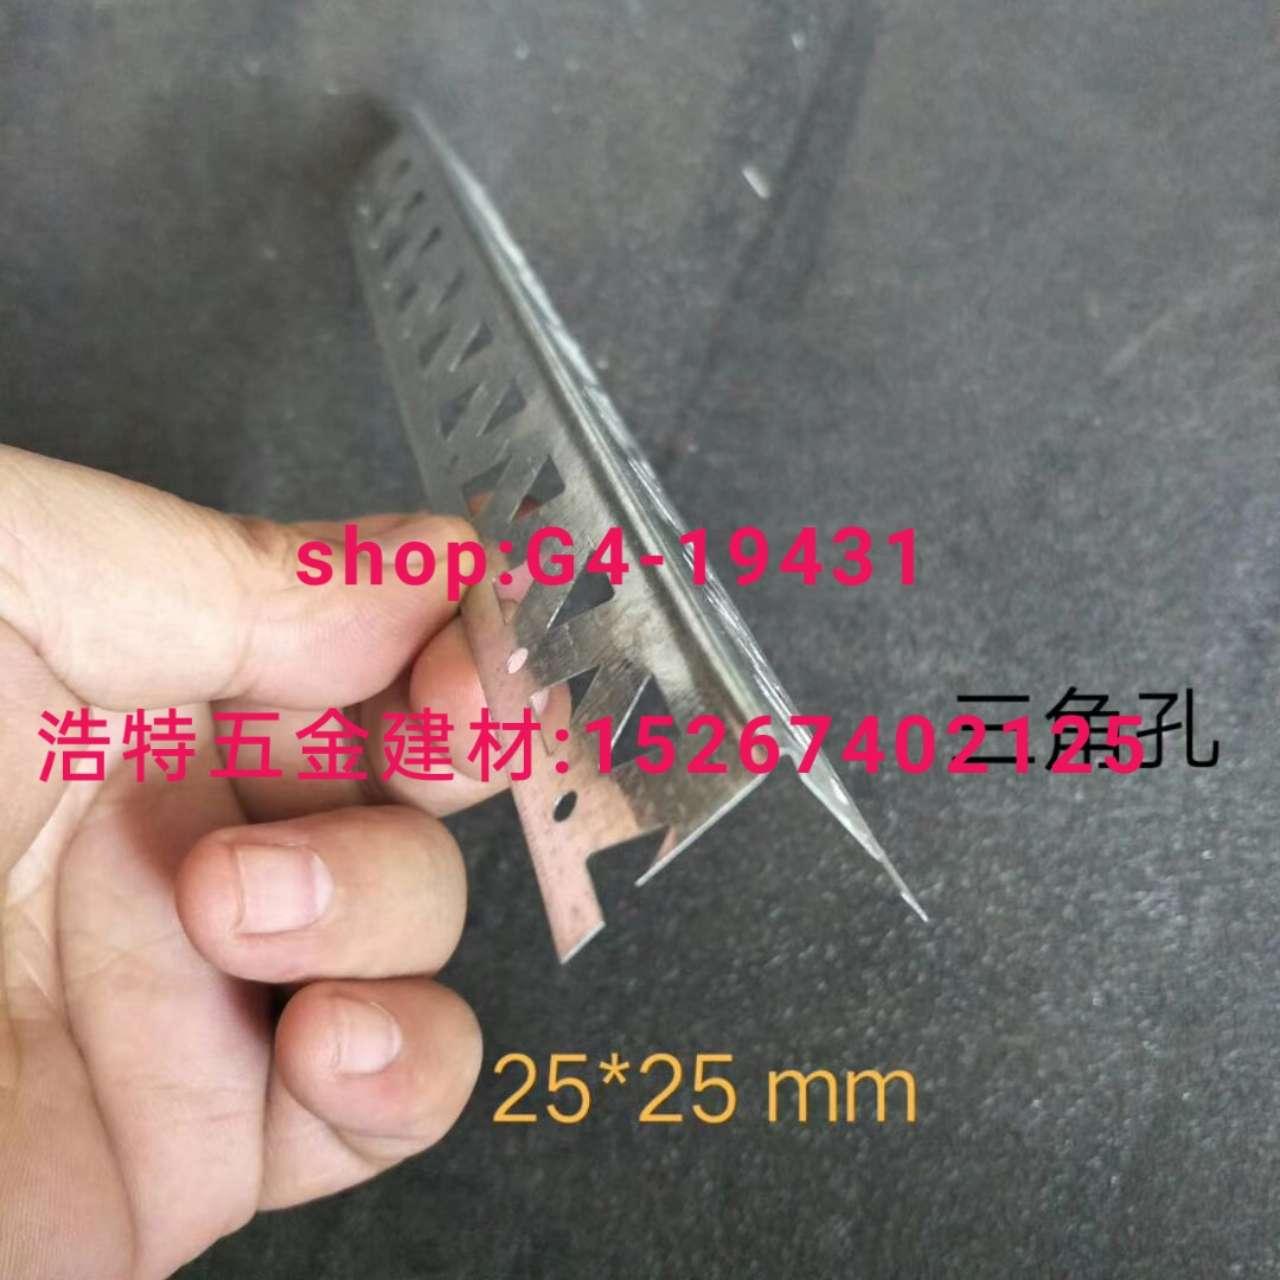 铝护角条阳角条补缝条修边条分割条直角条卡槽开口条pvc护角网踢脚线铝条轻钢龙骨!